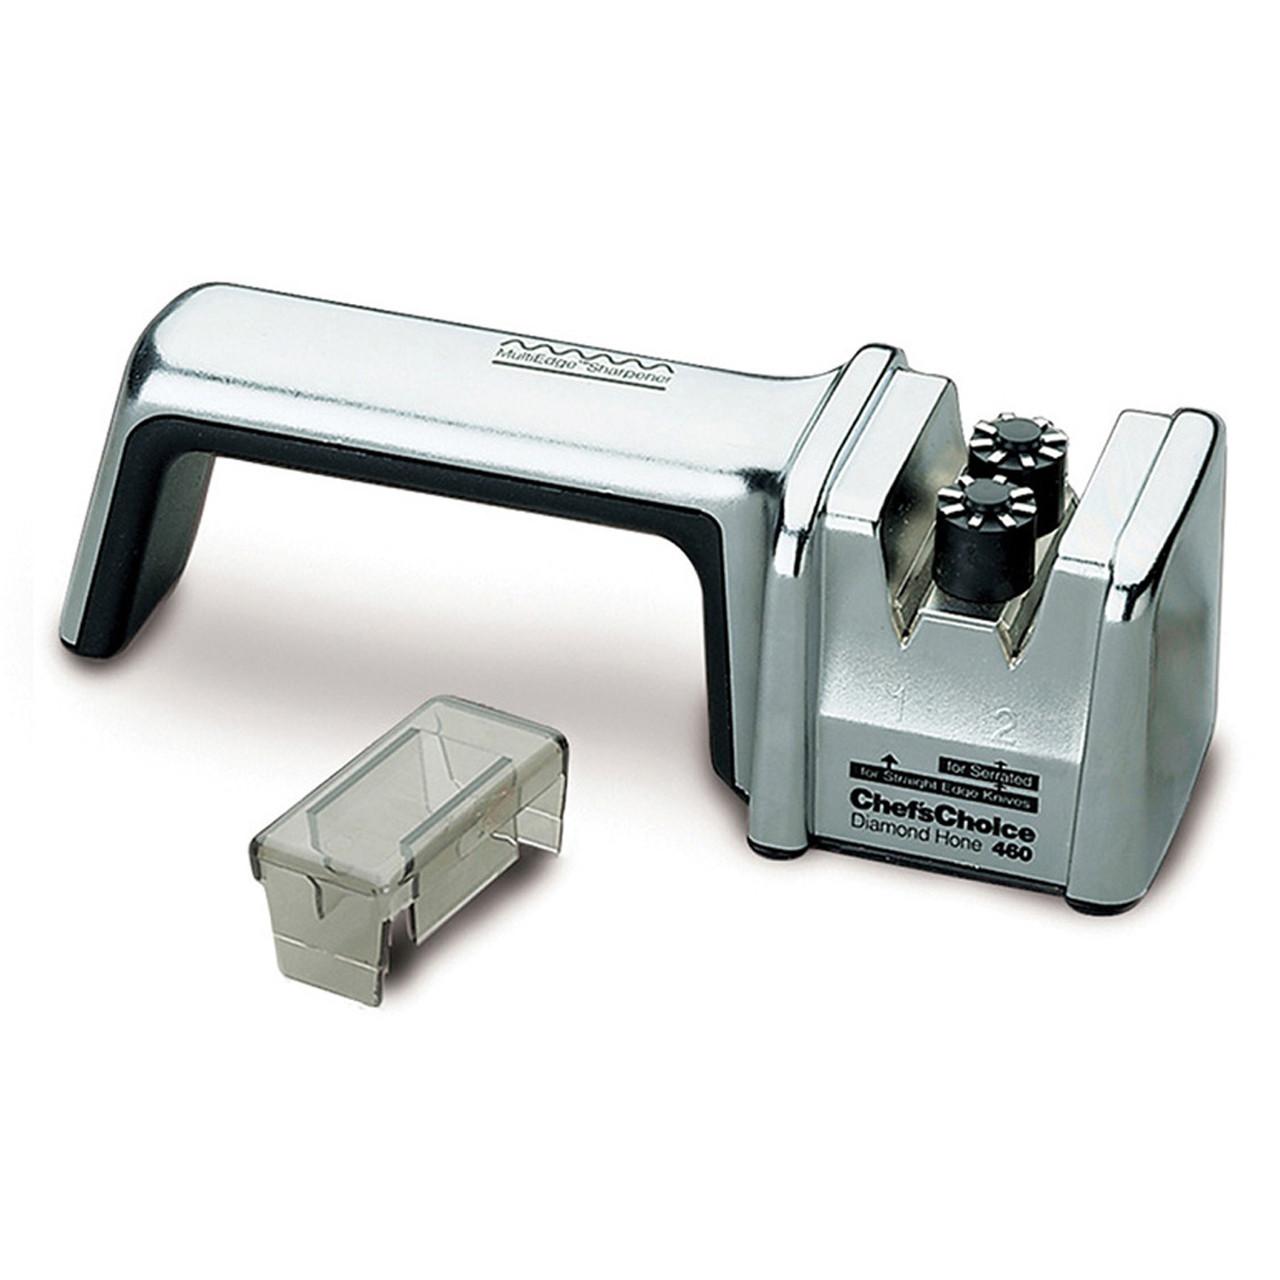 Точилка механическая для ножей Chef's Choice, хром (CH/460)